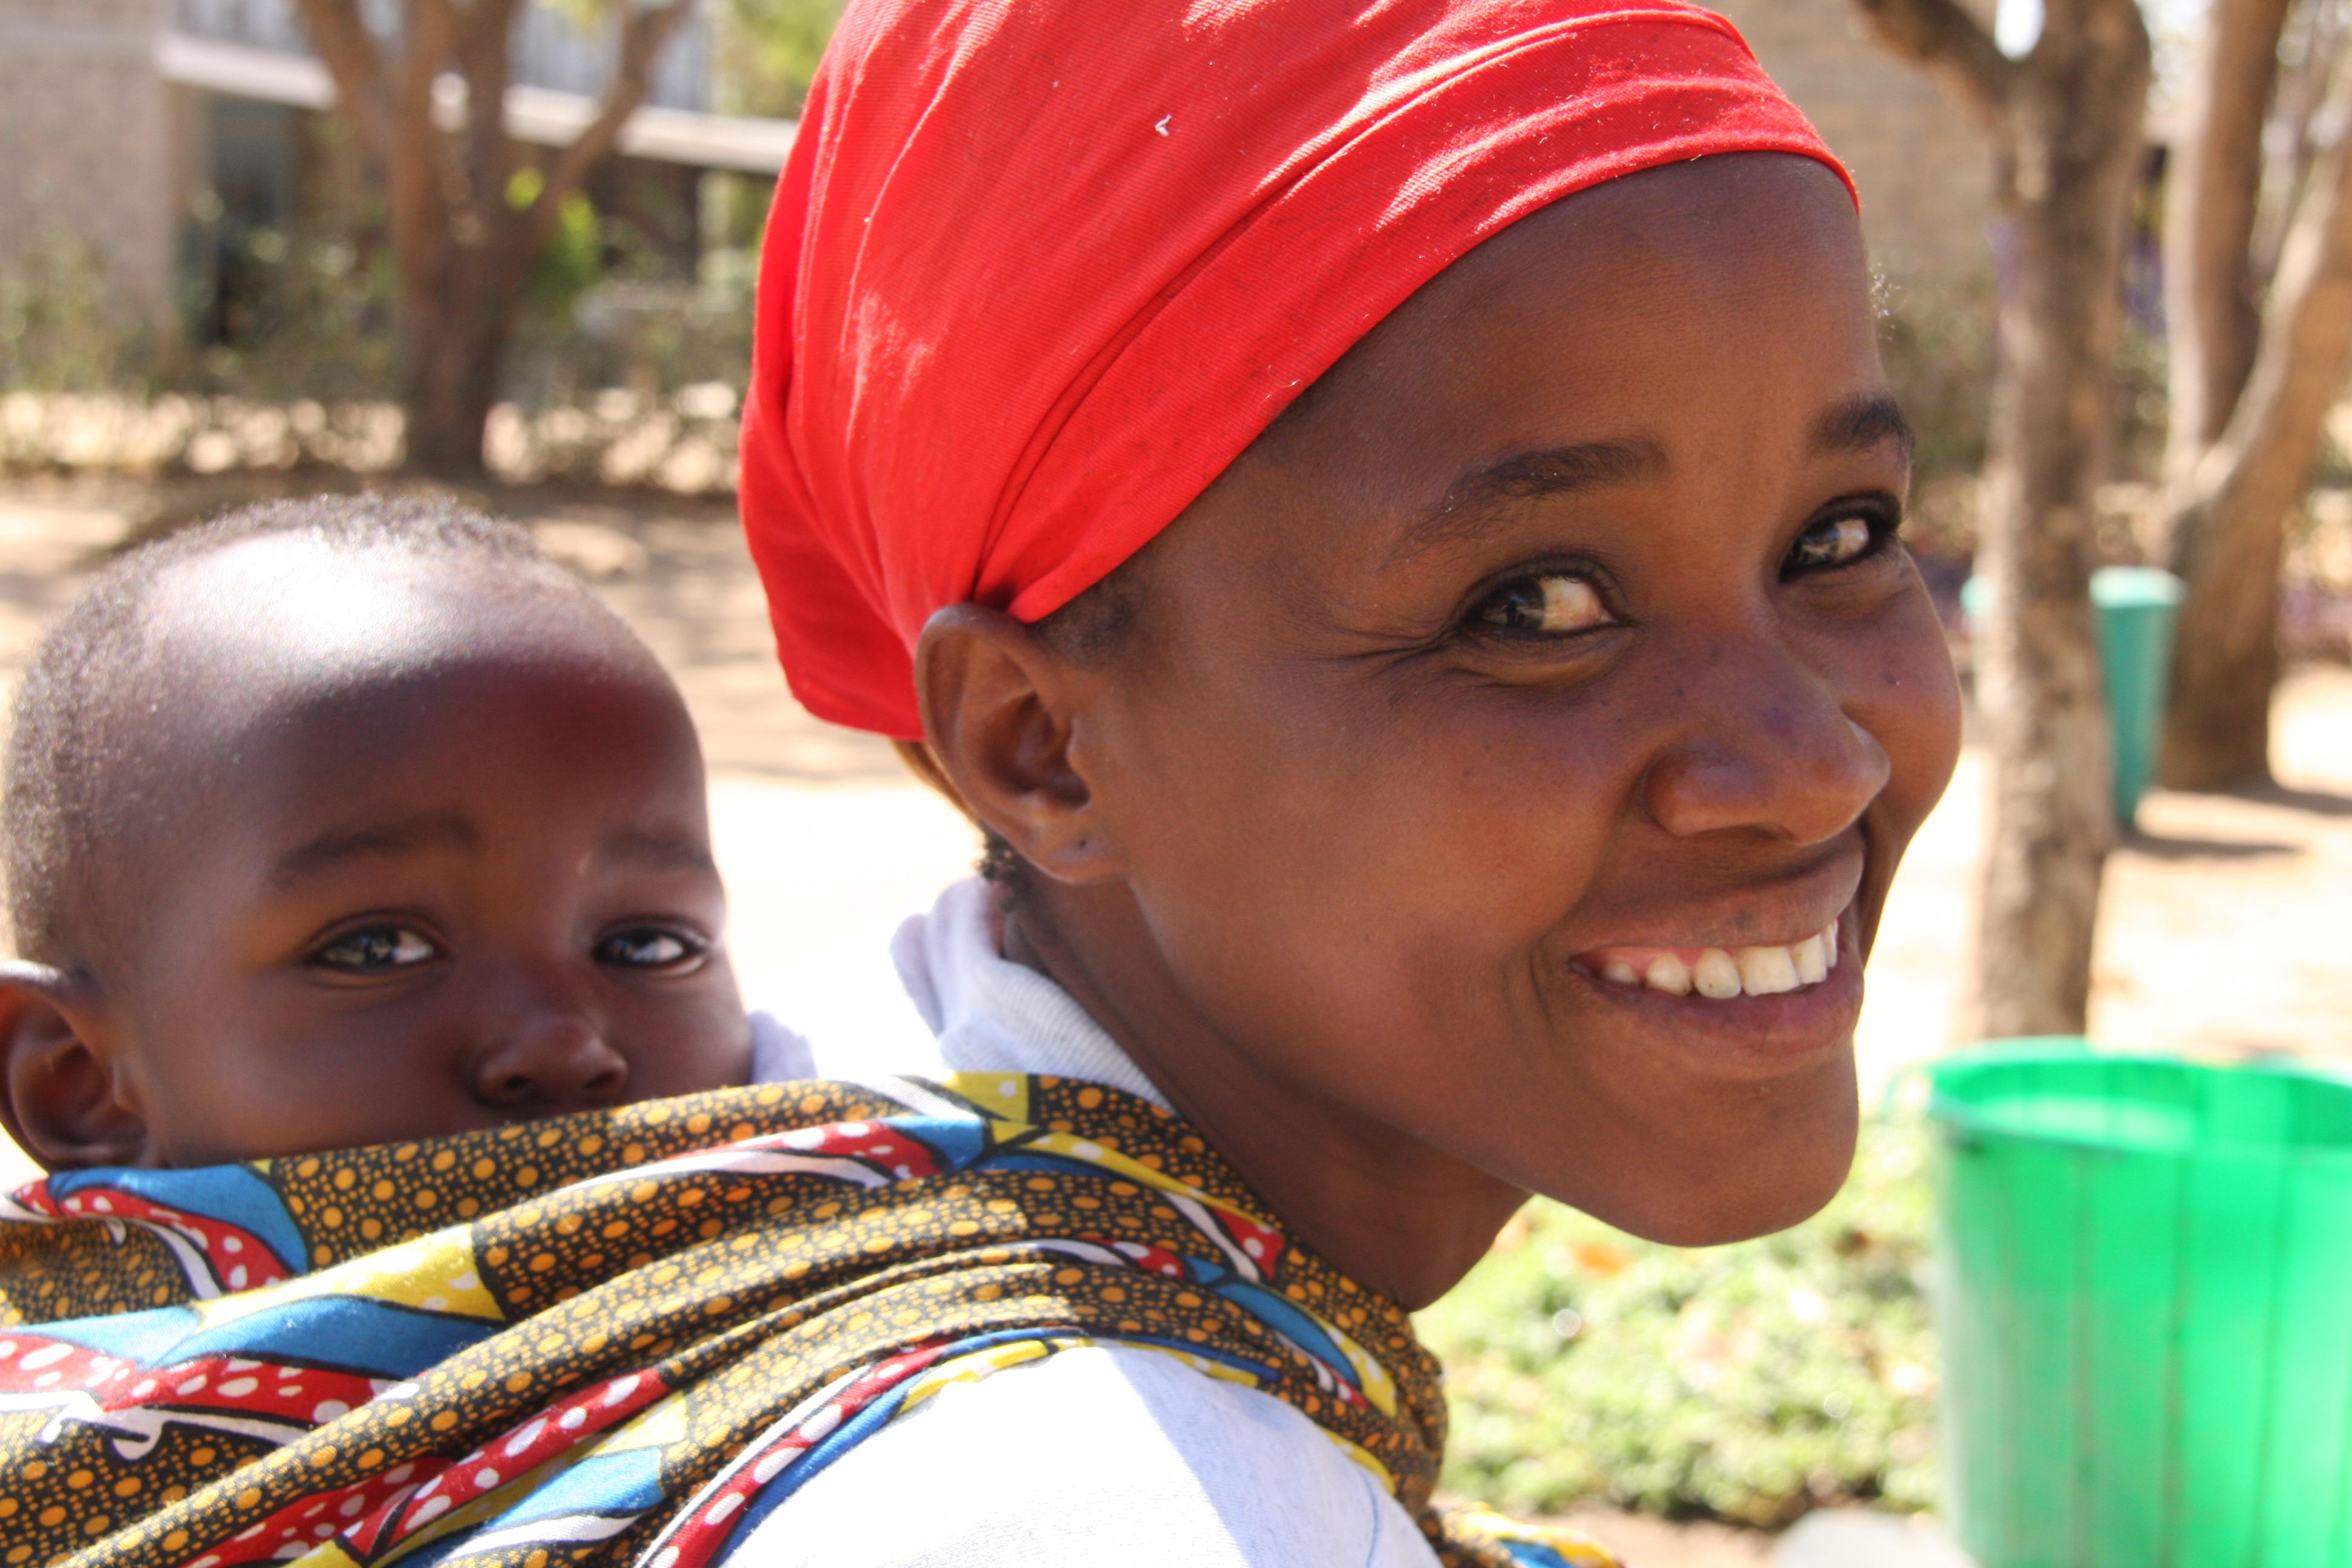 mamma e bambino africani